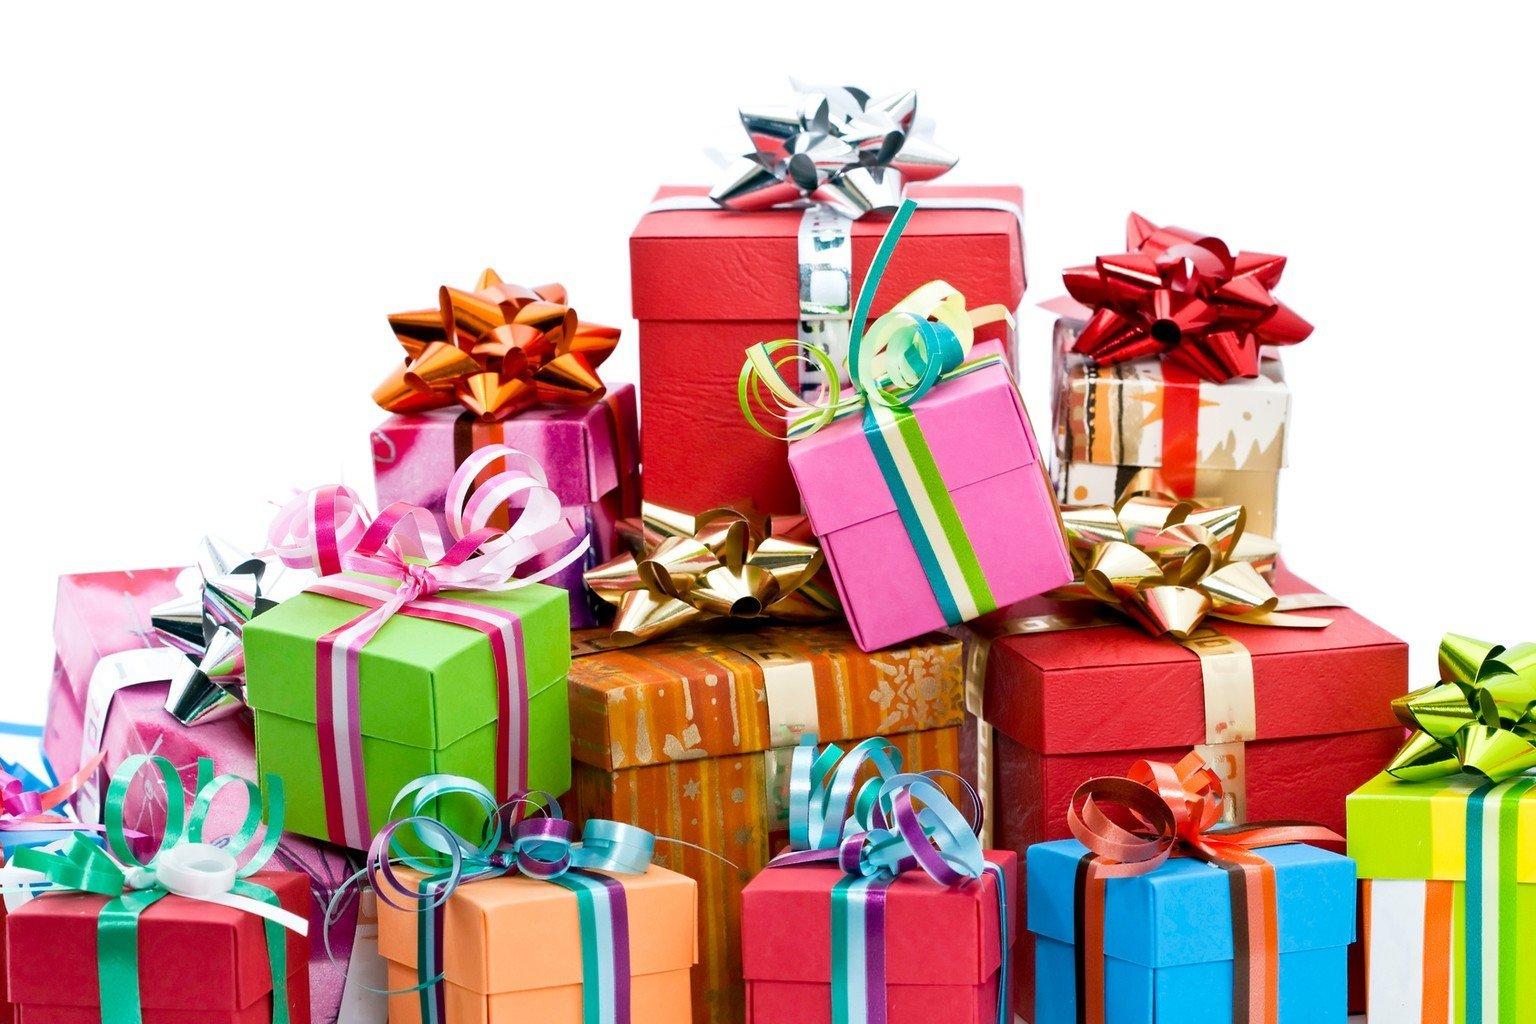 Regali Di Natale Che Costano Poco.I 3 Regali Di Natale Piu Utili Che Puoi Fare E Che Non Costano